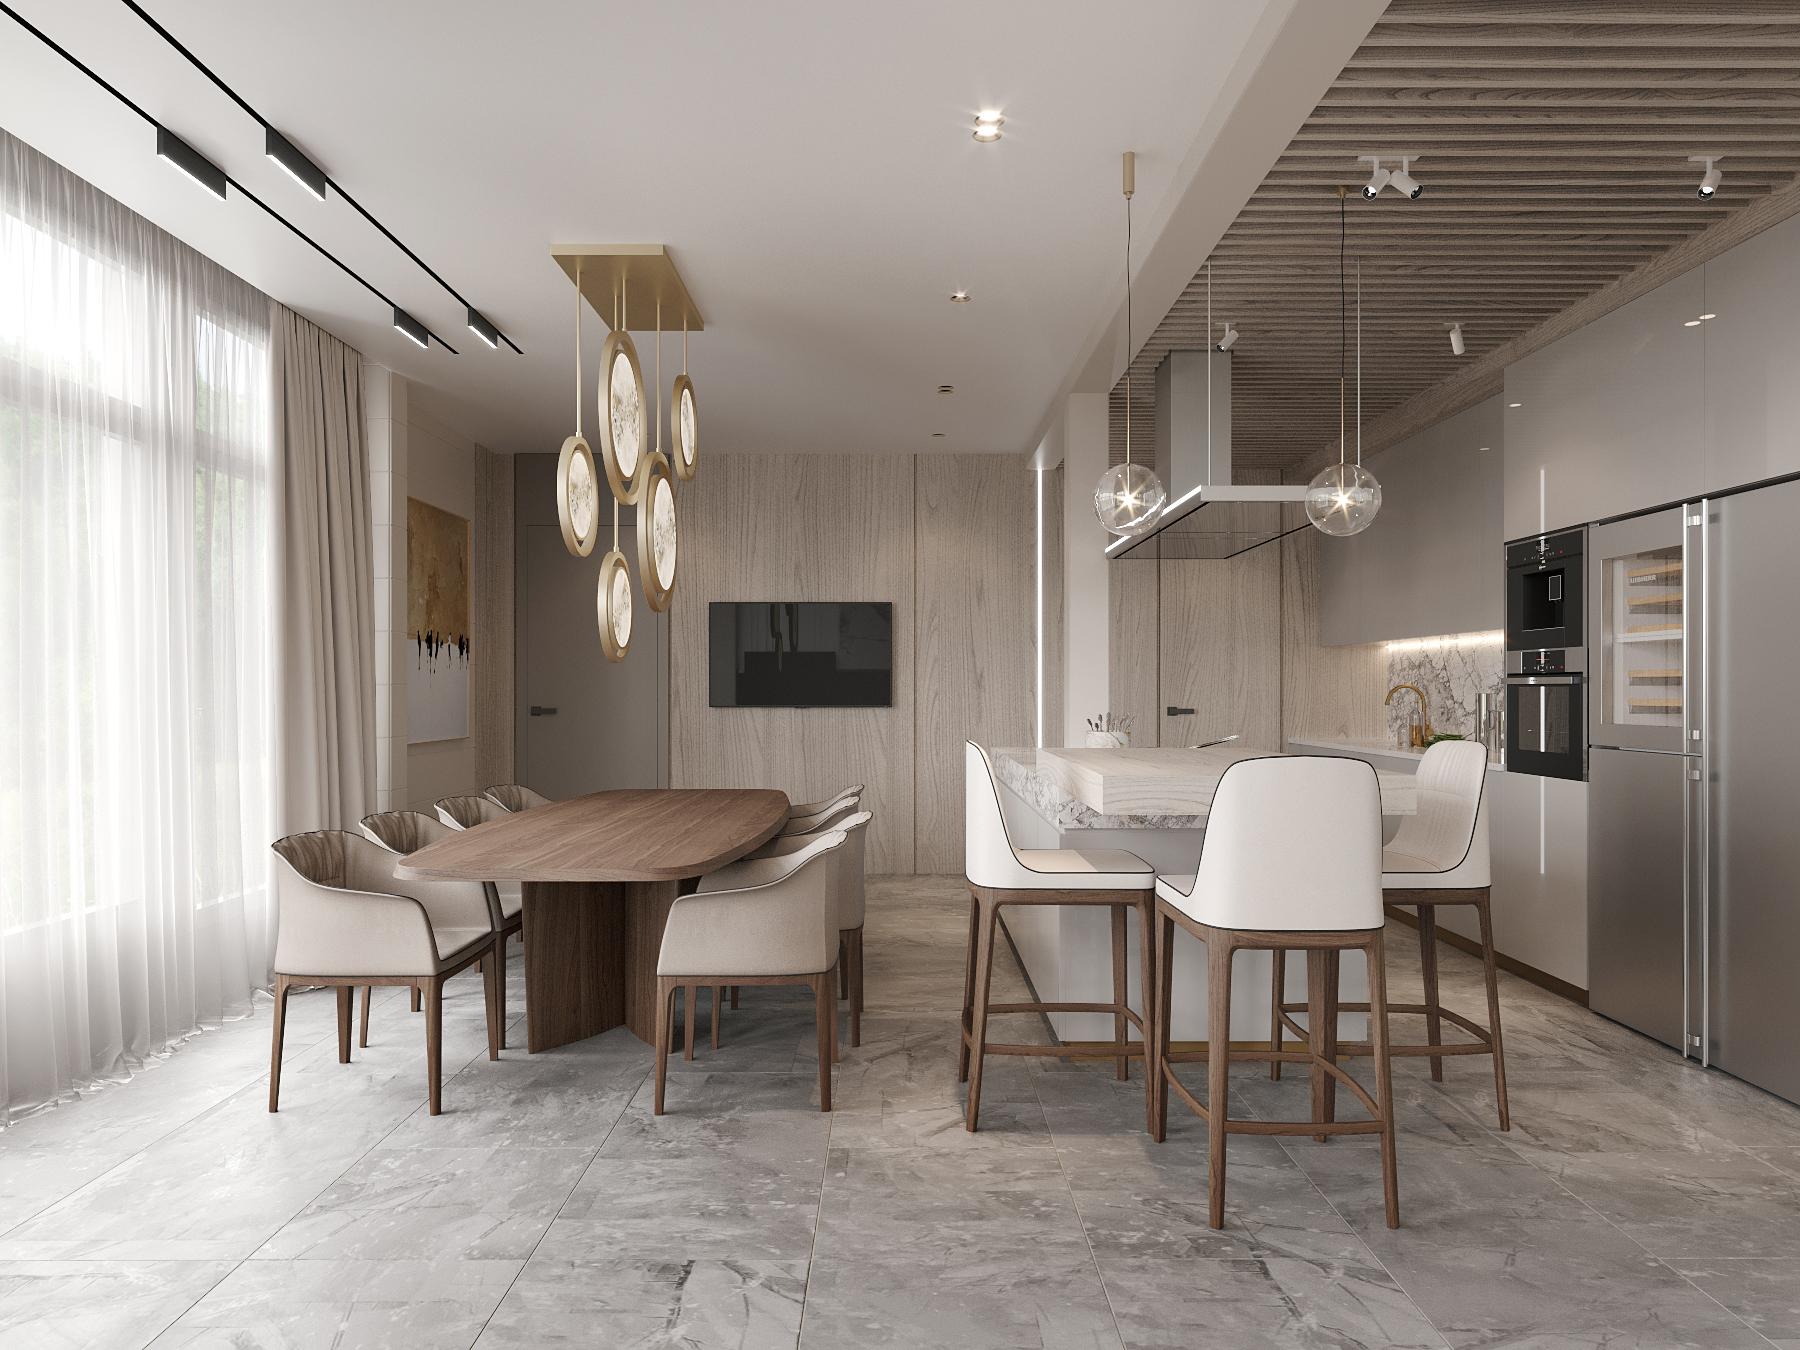 DE & DE Incredible Dining Room Designs By A Top Design Studio_4